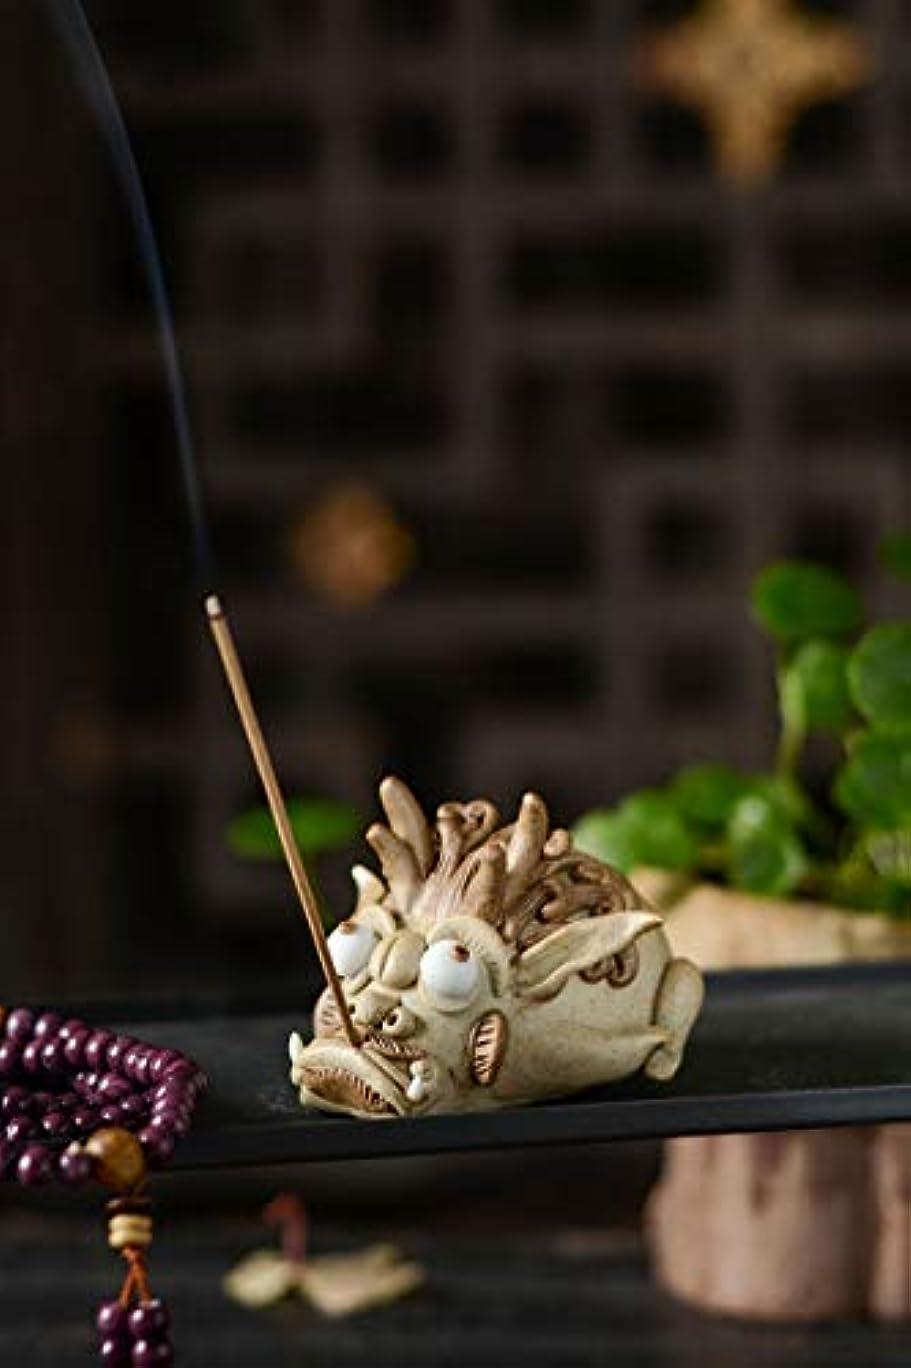 中世の実行可能くるみPHILOGOD 陶器香炉 クリエイティブ貔貅スタイリング 手作り 線香立て お香 ホルダー (style2)